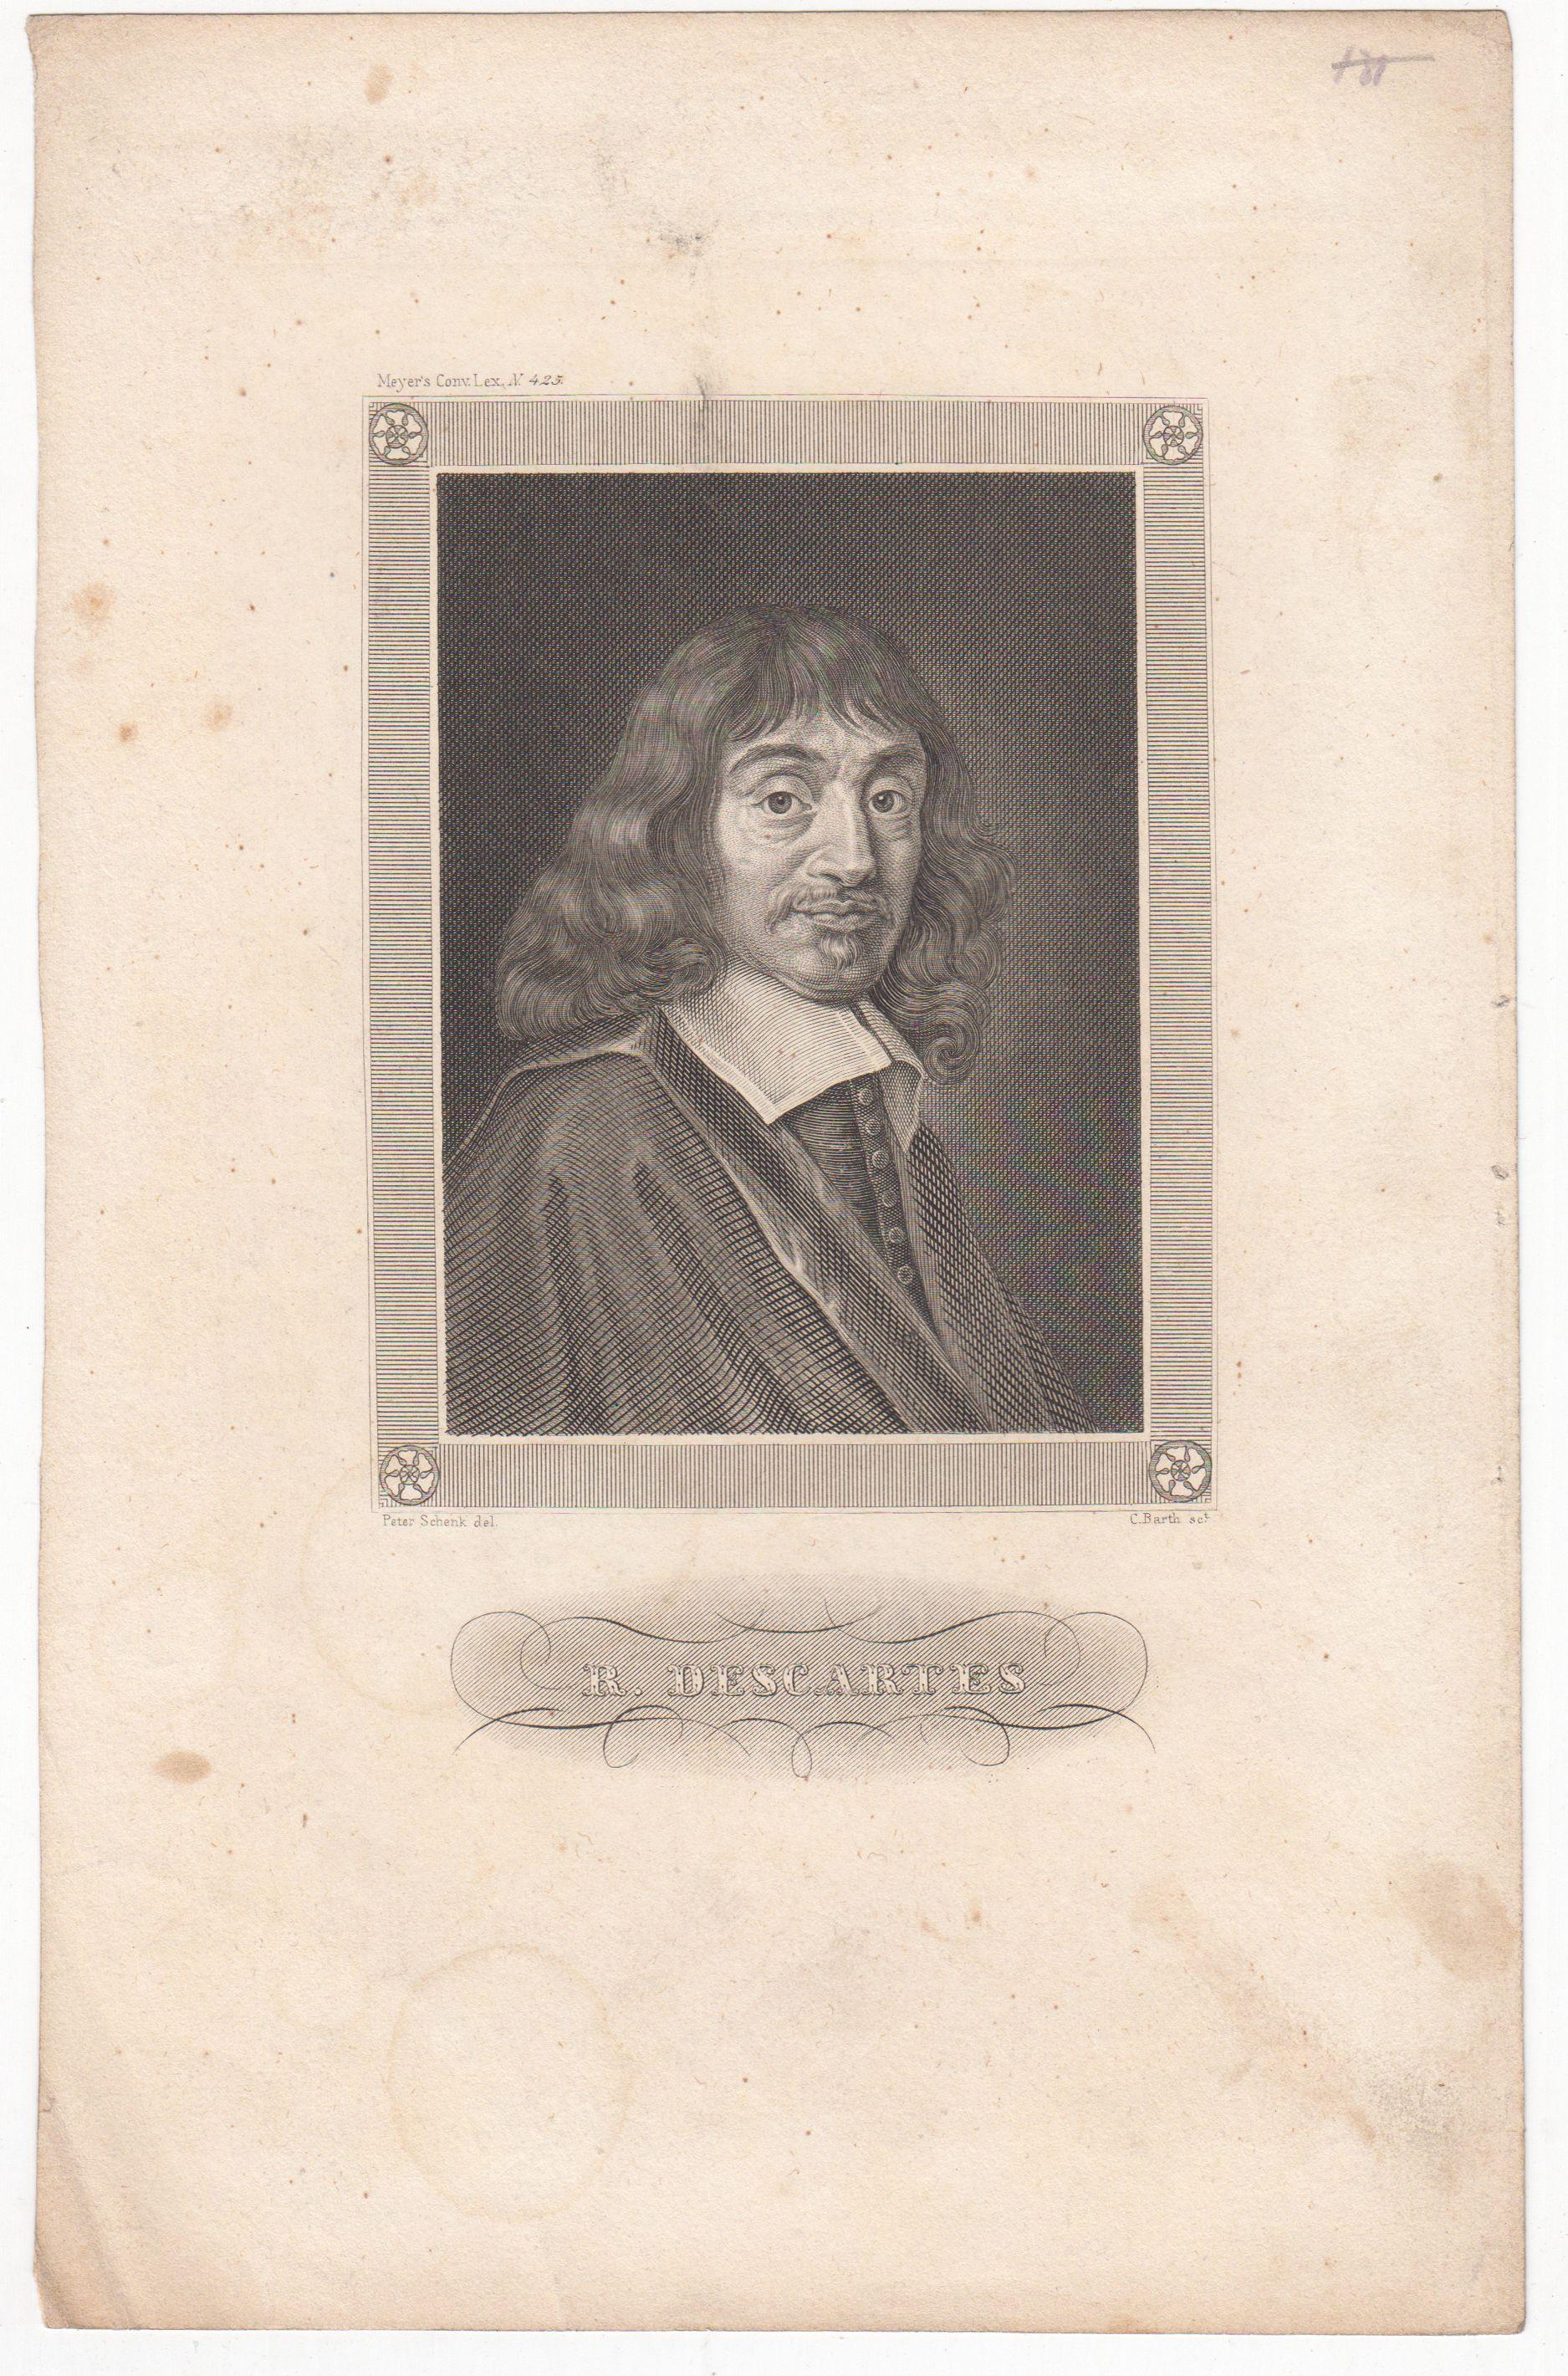 R. Descartes.